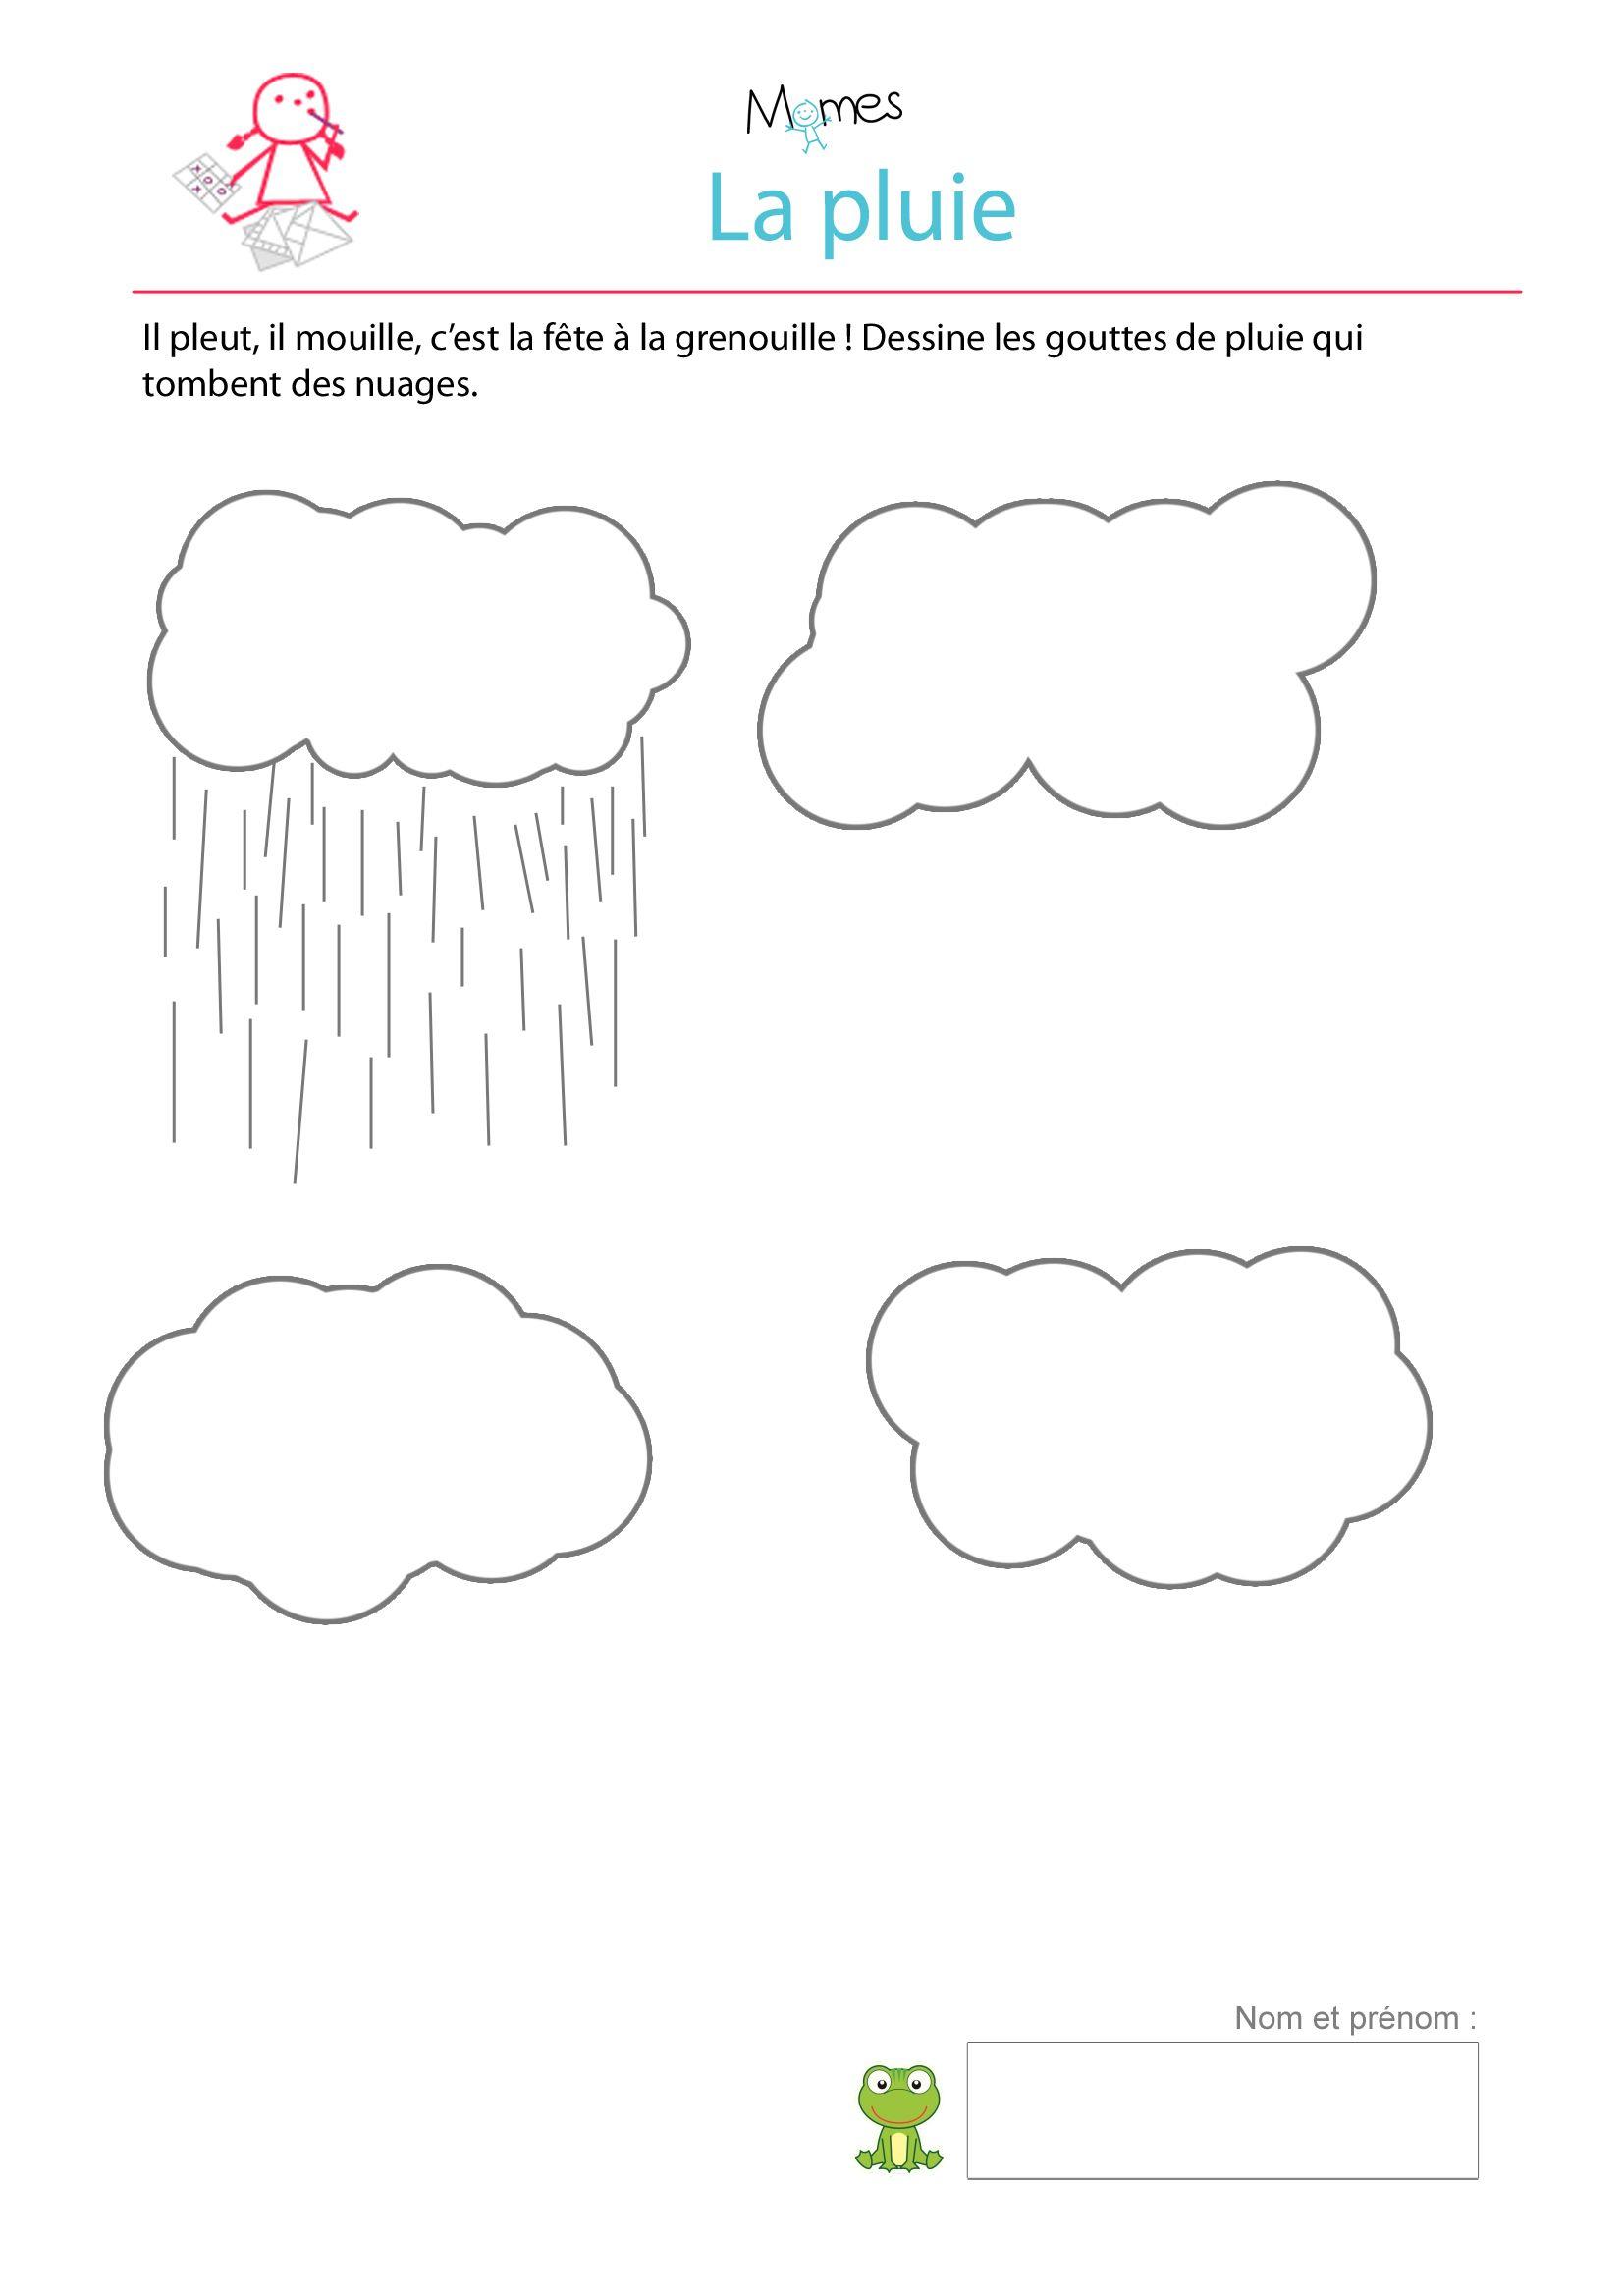 Dessine La Pluie - Exercice À Imprimer | Exercice Petite dedans Exercice De Maternelle A Imprimer Gratuit